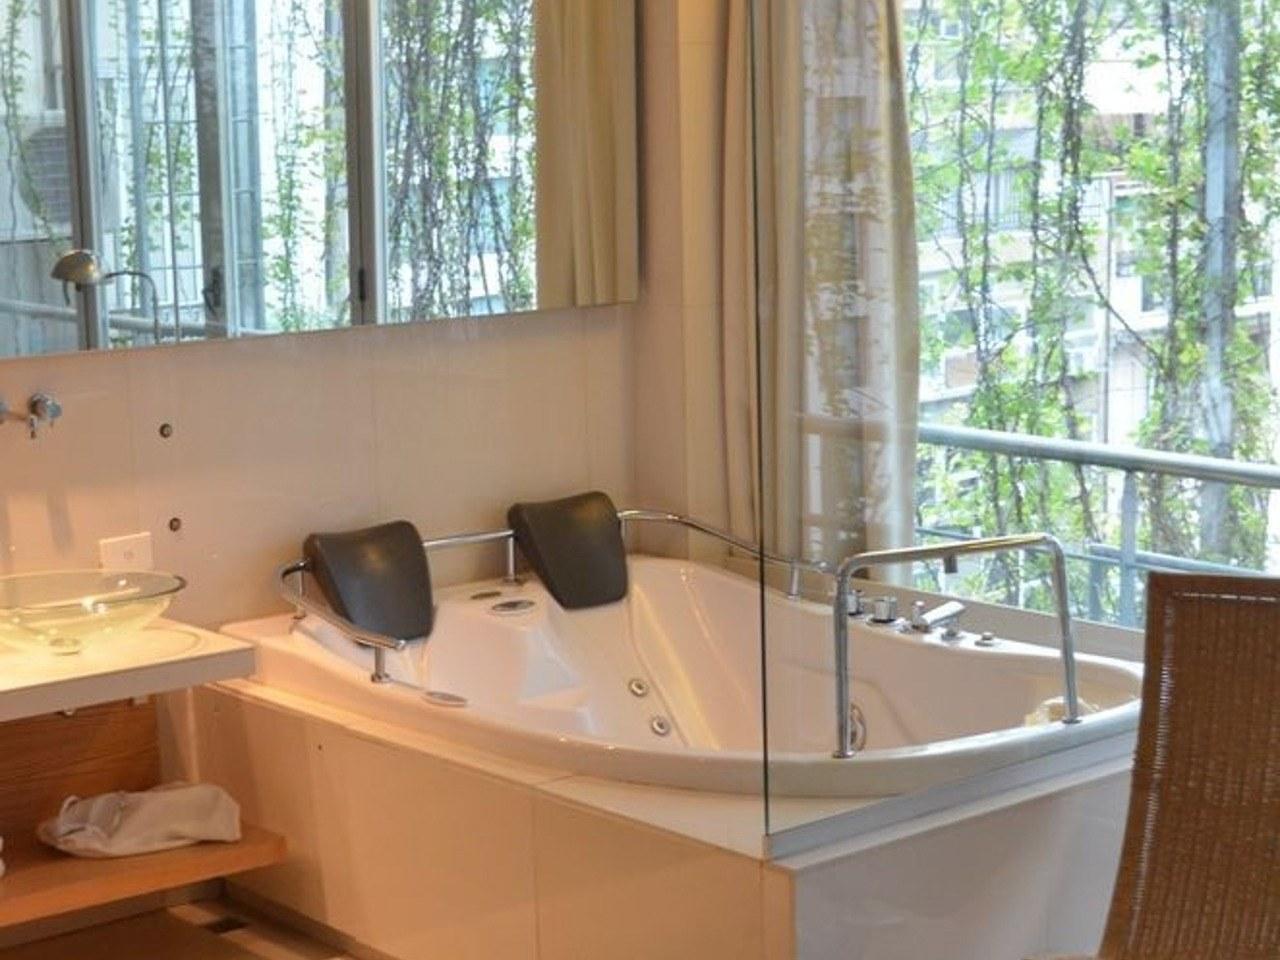 CasaCalma_Hotel-Buenos_Aires-Bathroom-6-451340